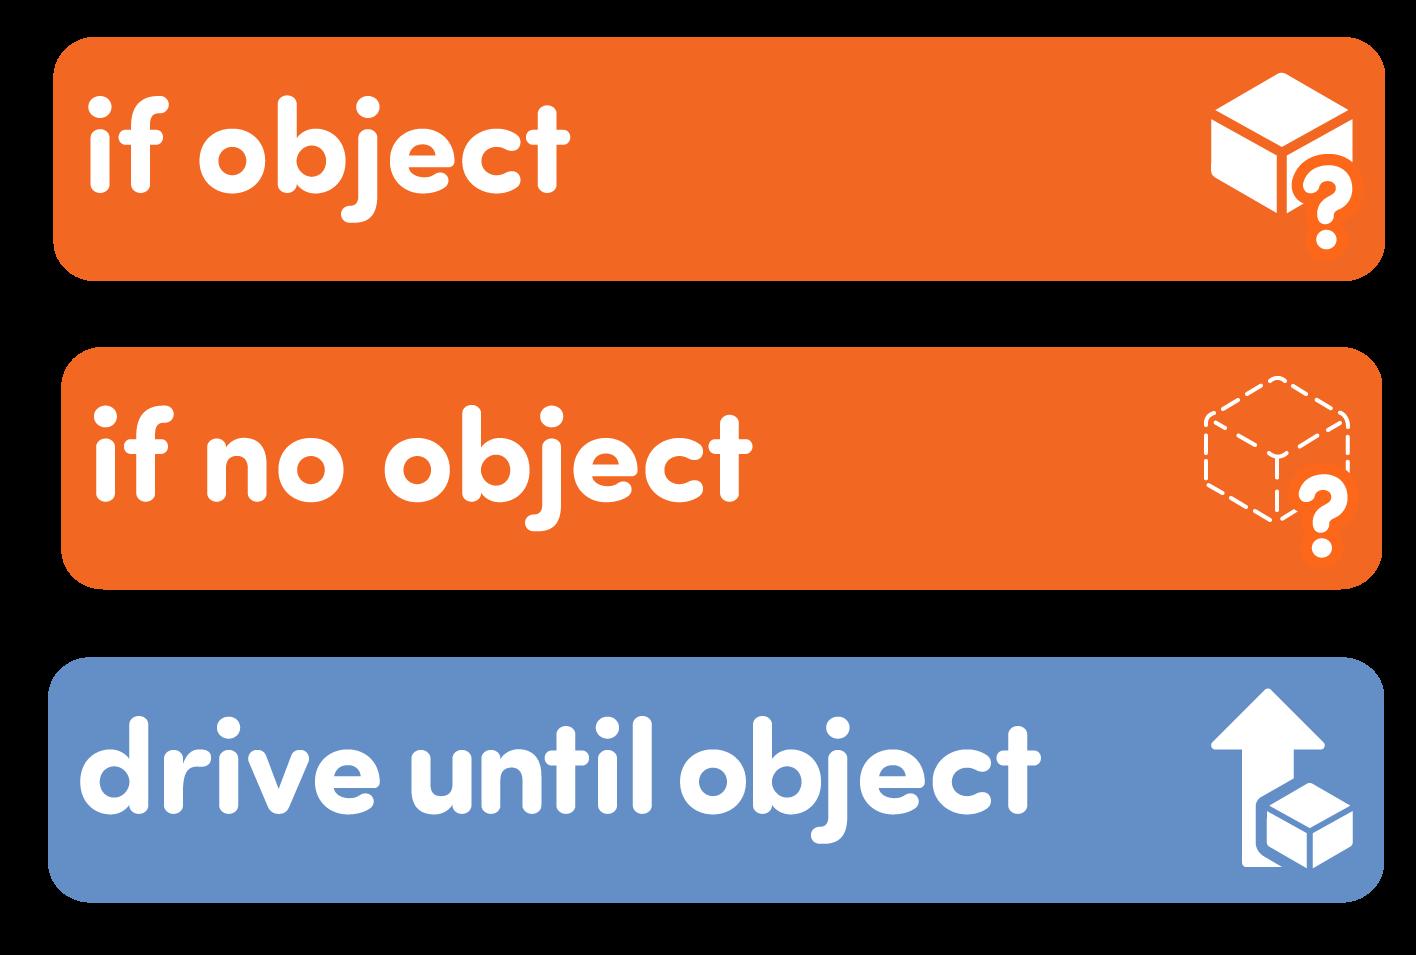 辨色仪-对象-编码指令卡.png